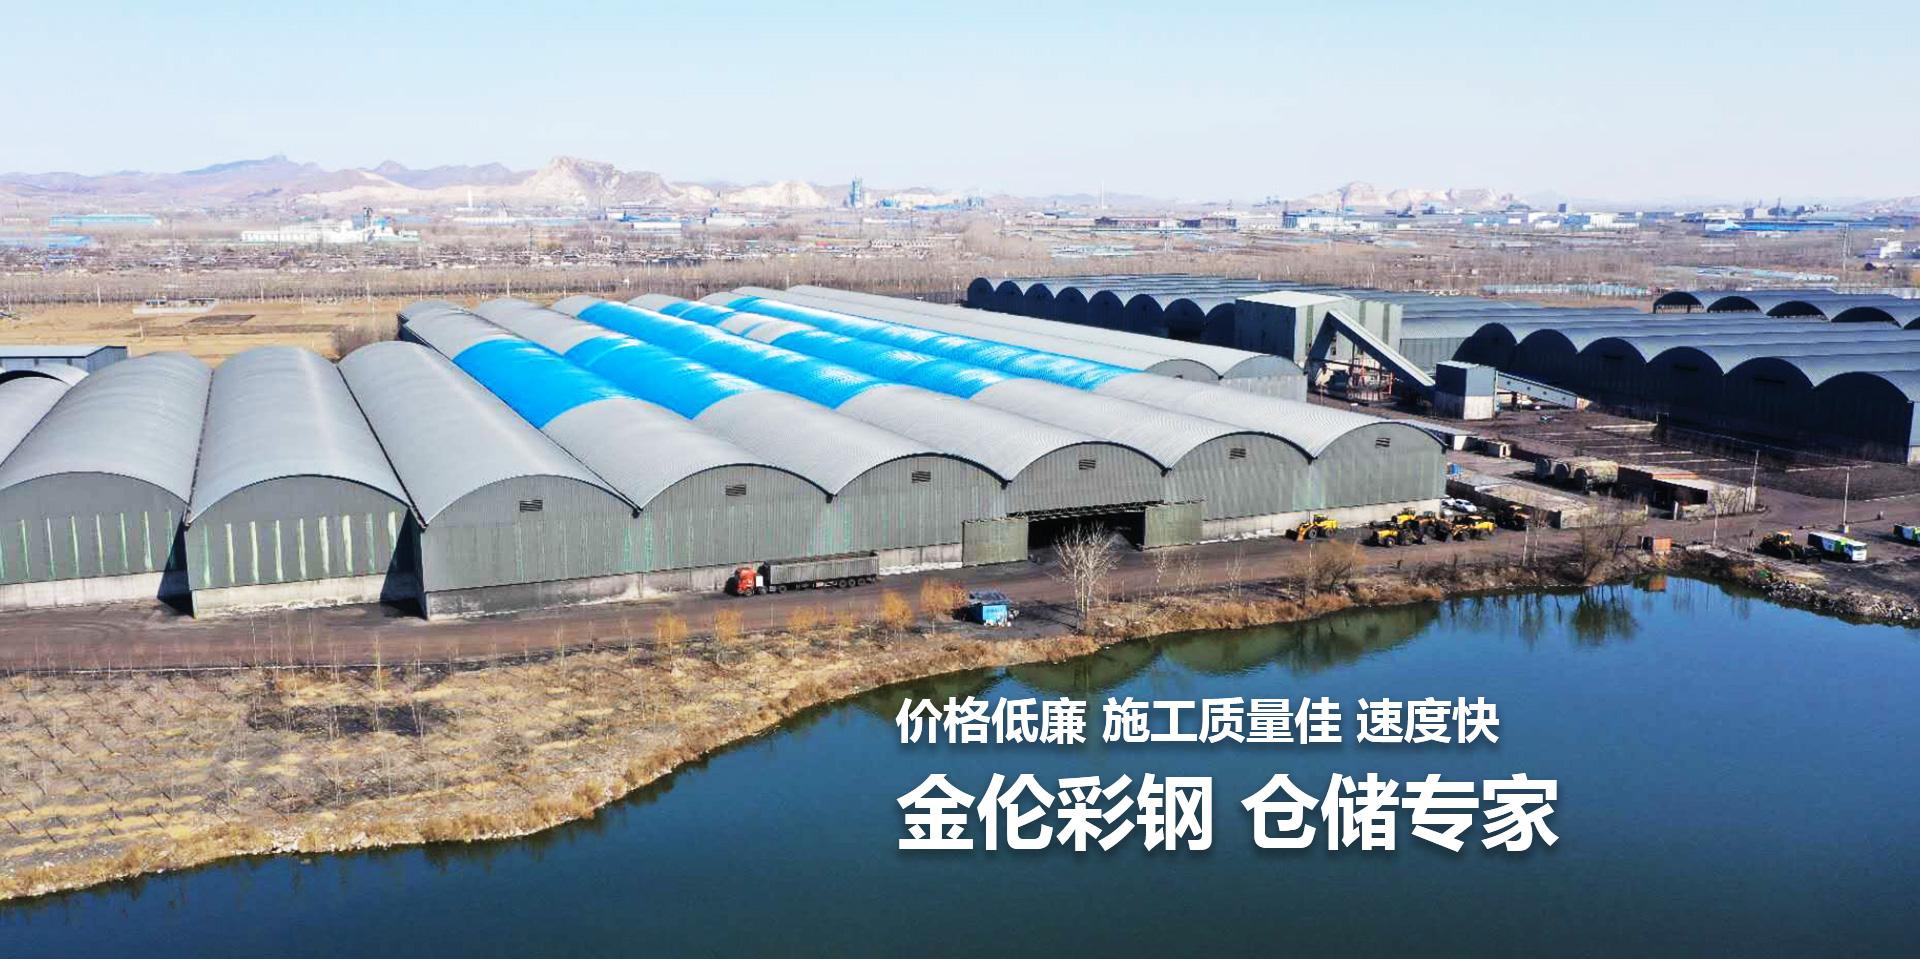 拱形屋顶,彩钢钢结构工程